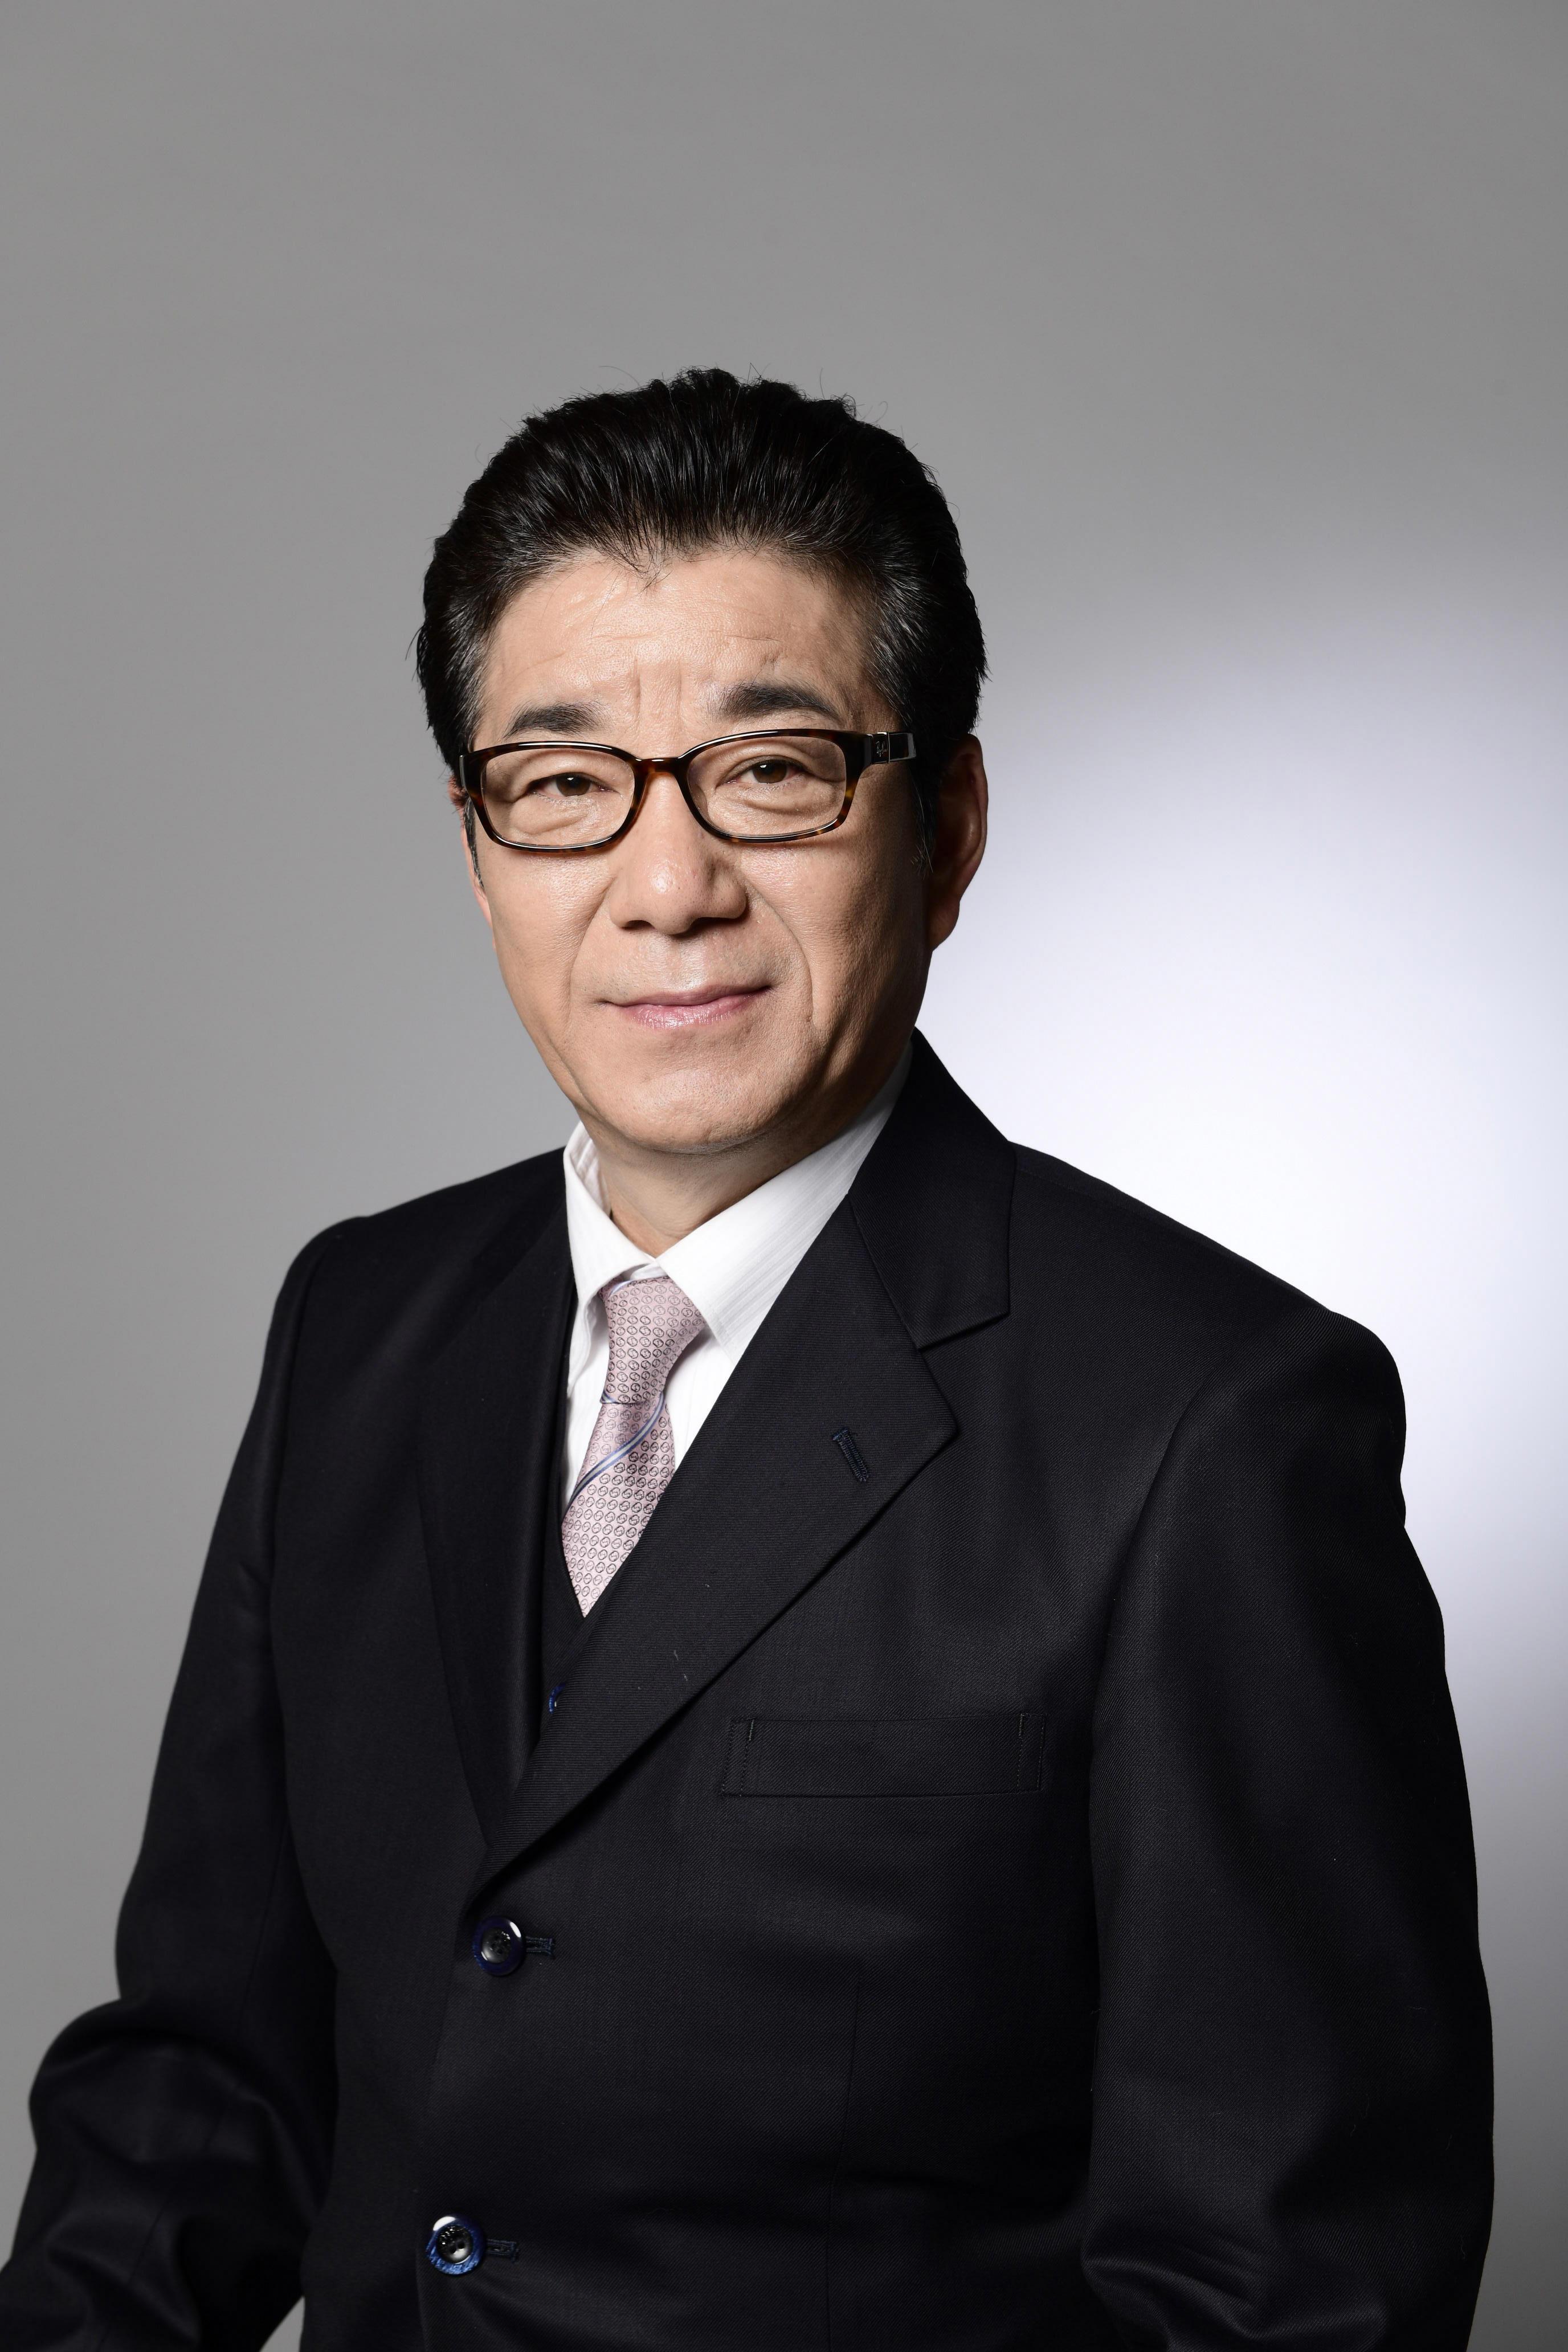 関西テレビ「報道ランナー」松井一郎代表 出演のお知らせ